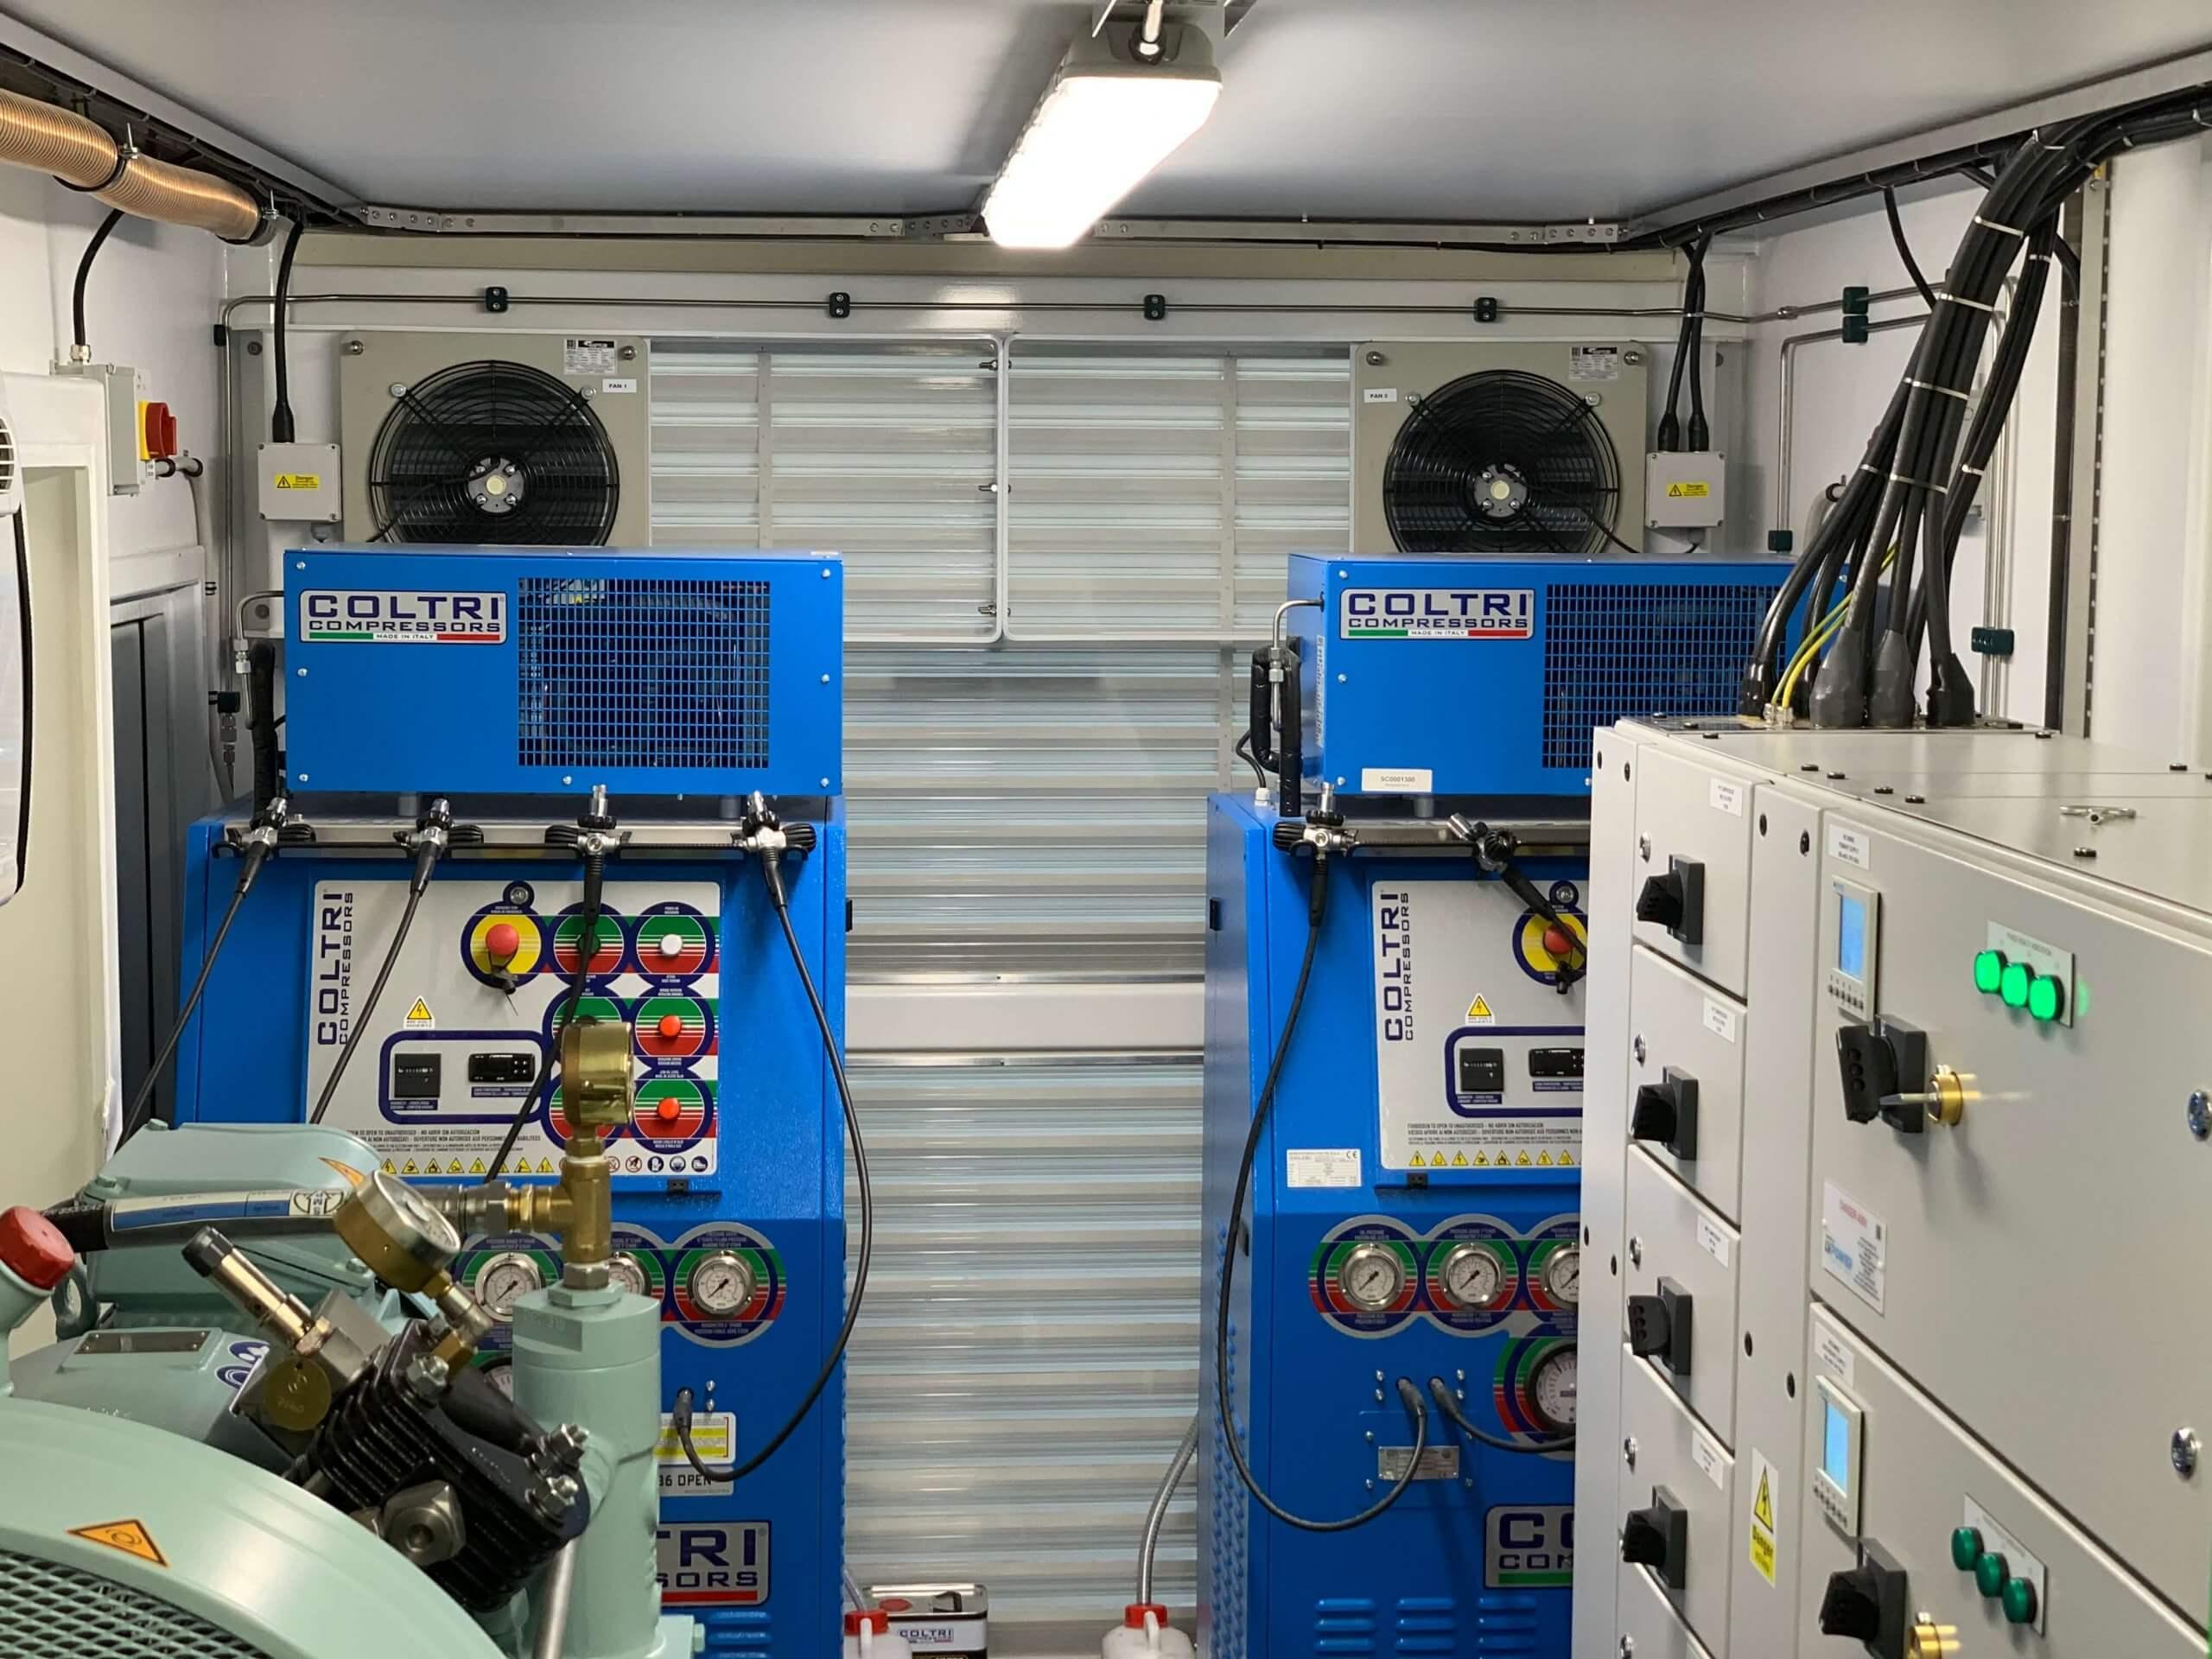 Submarine rescue system - Coltri compressors